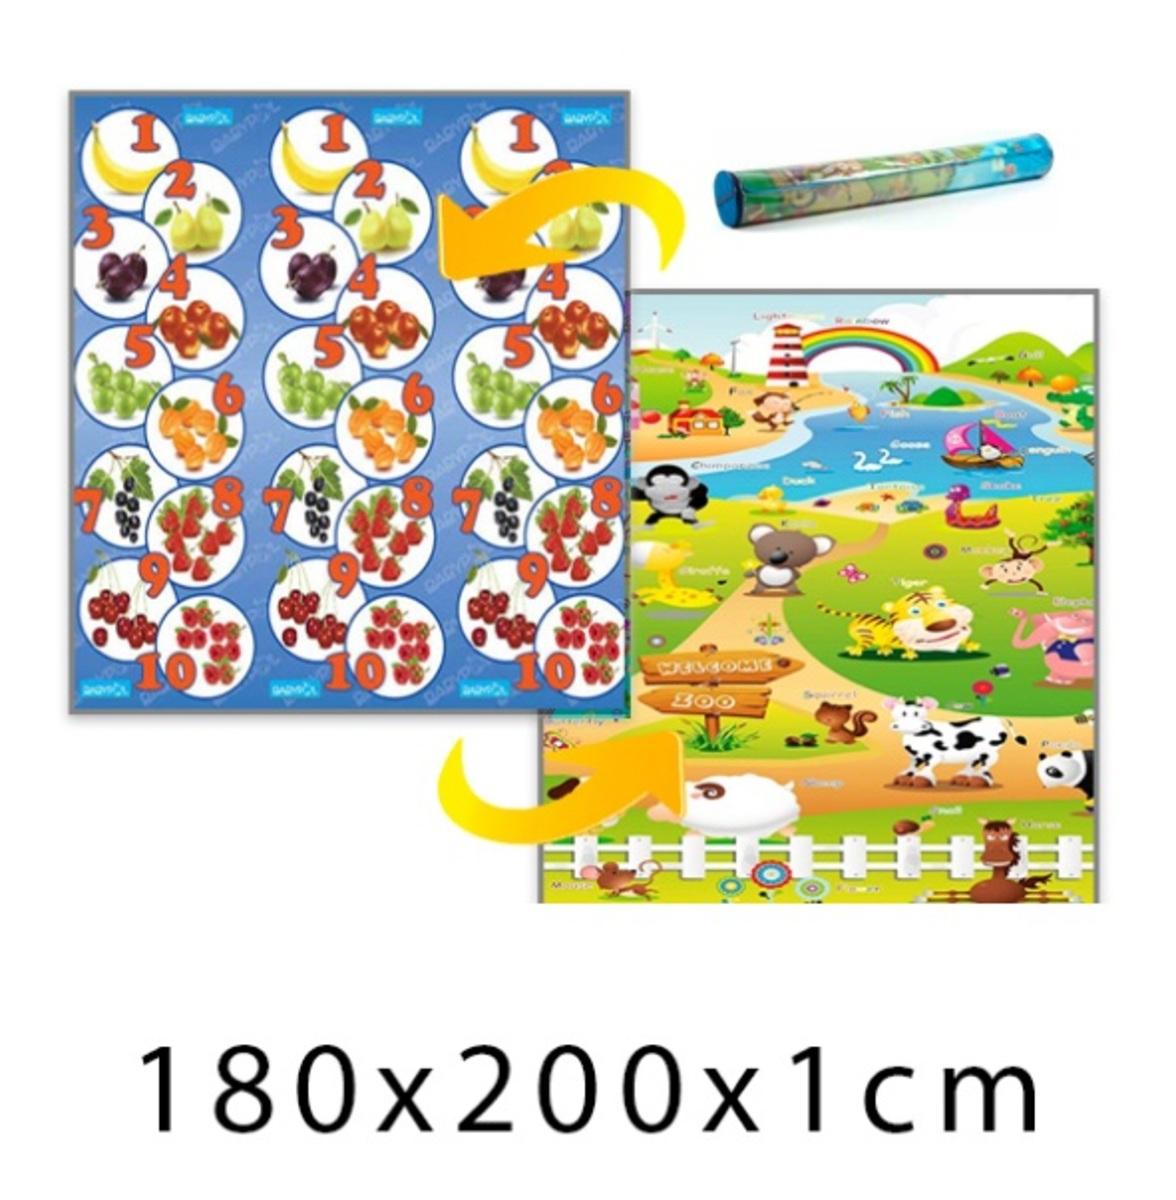 Gyerek habszivacs szőnyeg - gyümölcsös számlap + farm - 180x200x1 cm